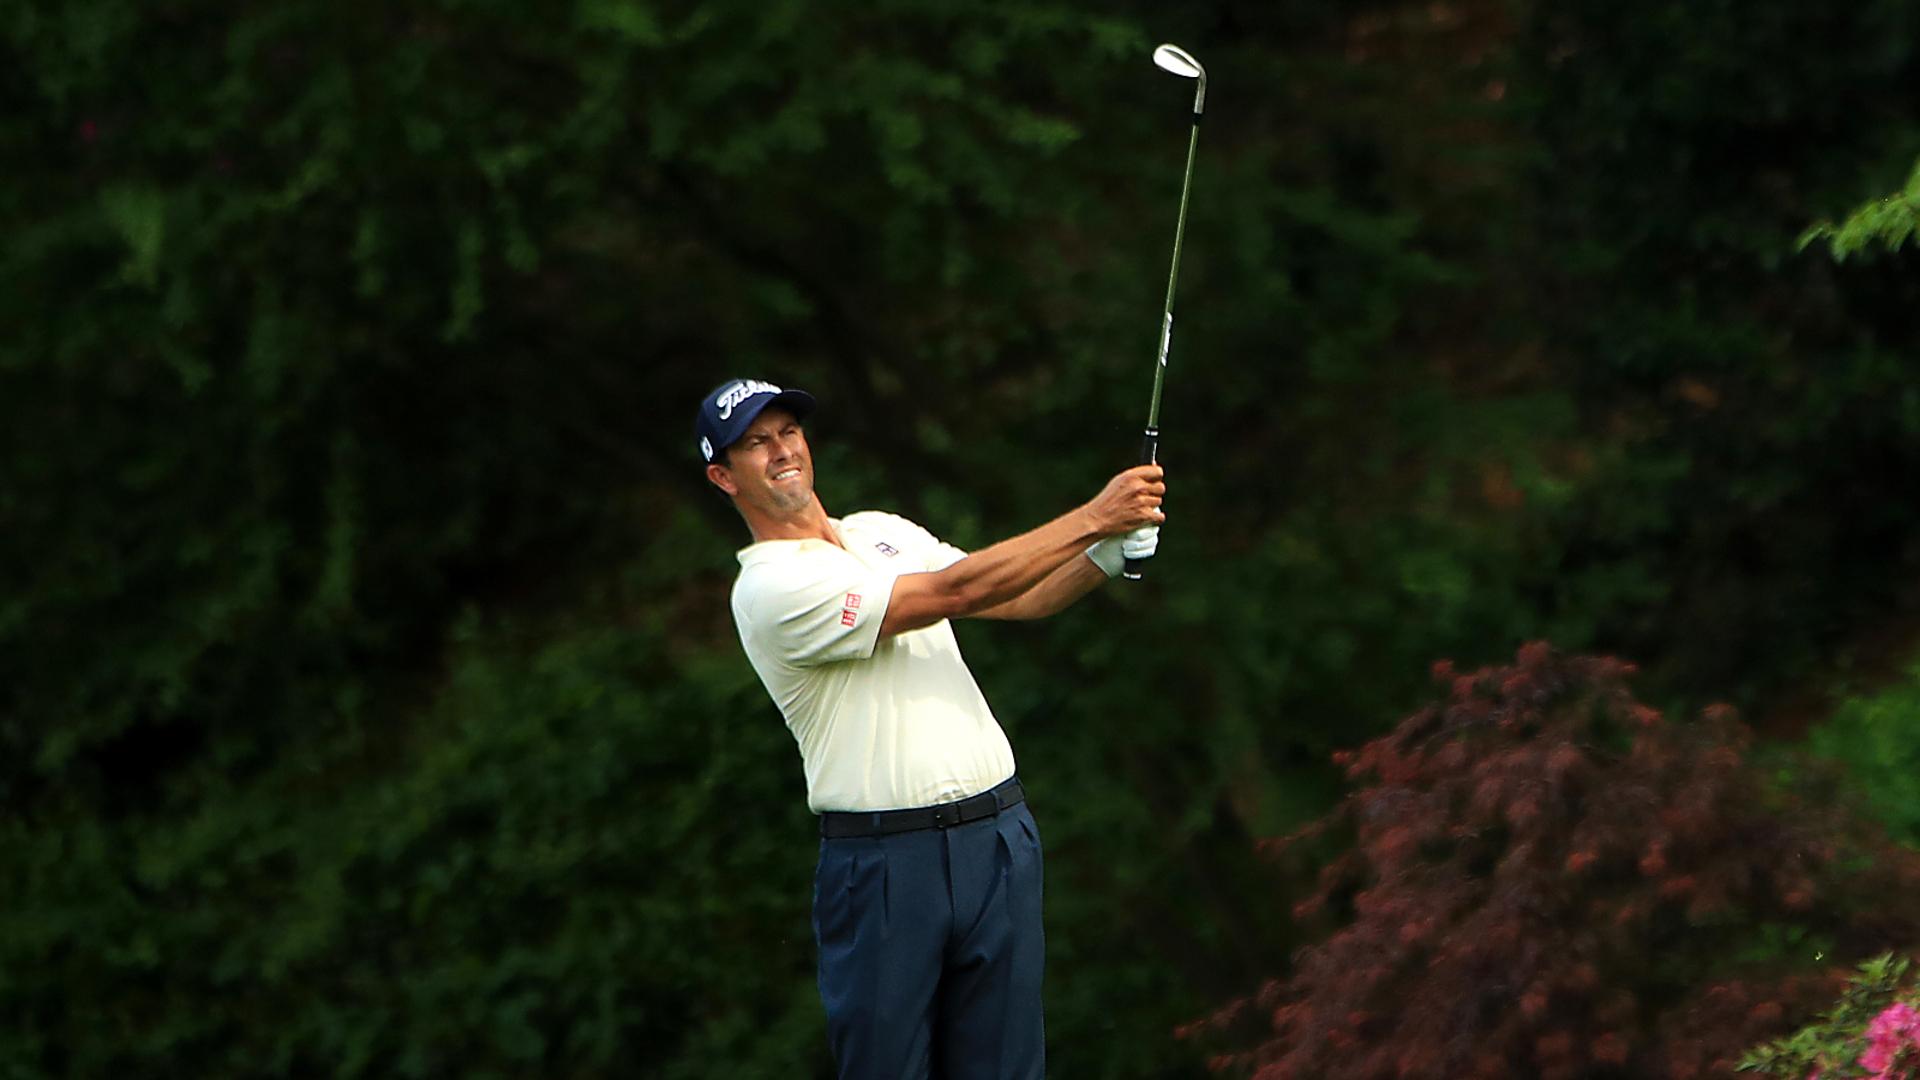 Via: golfchannel com